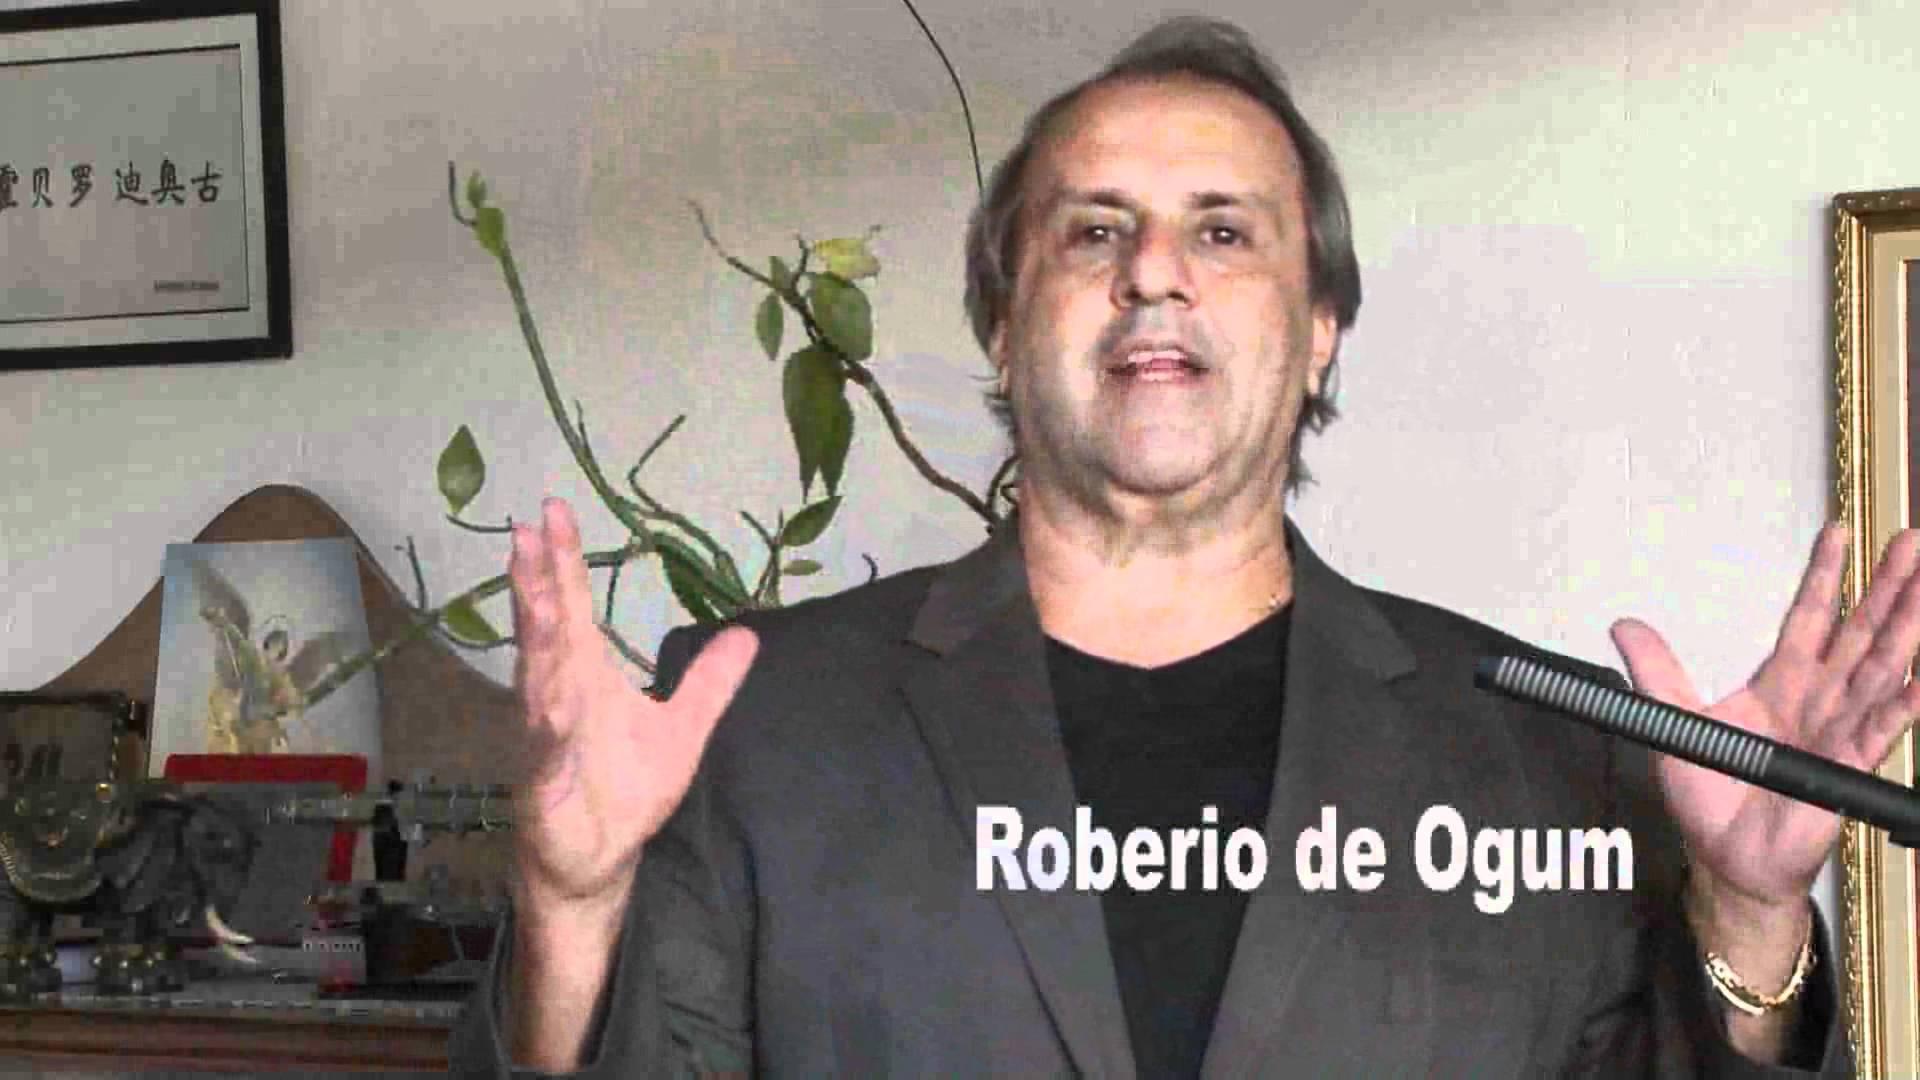 """Vidente Robério de Ogum garante que em 2014, """"O Brasil será o campeão do mundo de futebol""""! (foto: Reprodução/YouTube)"""